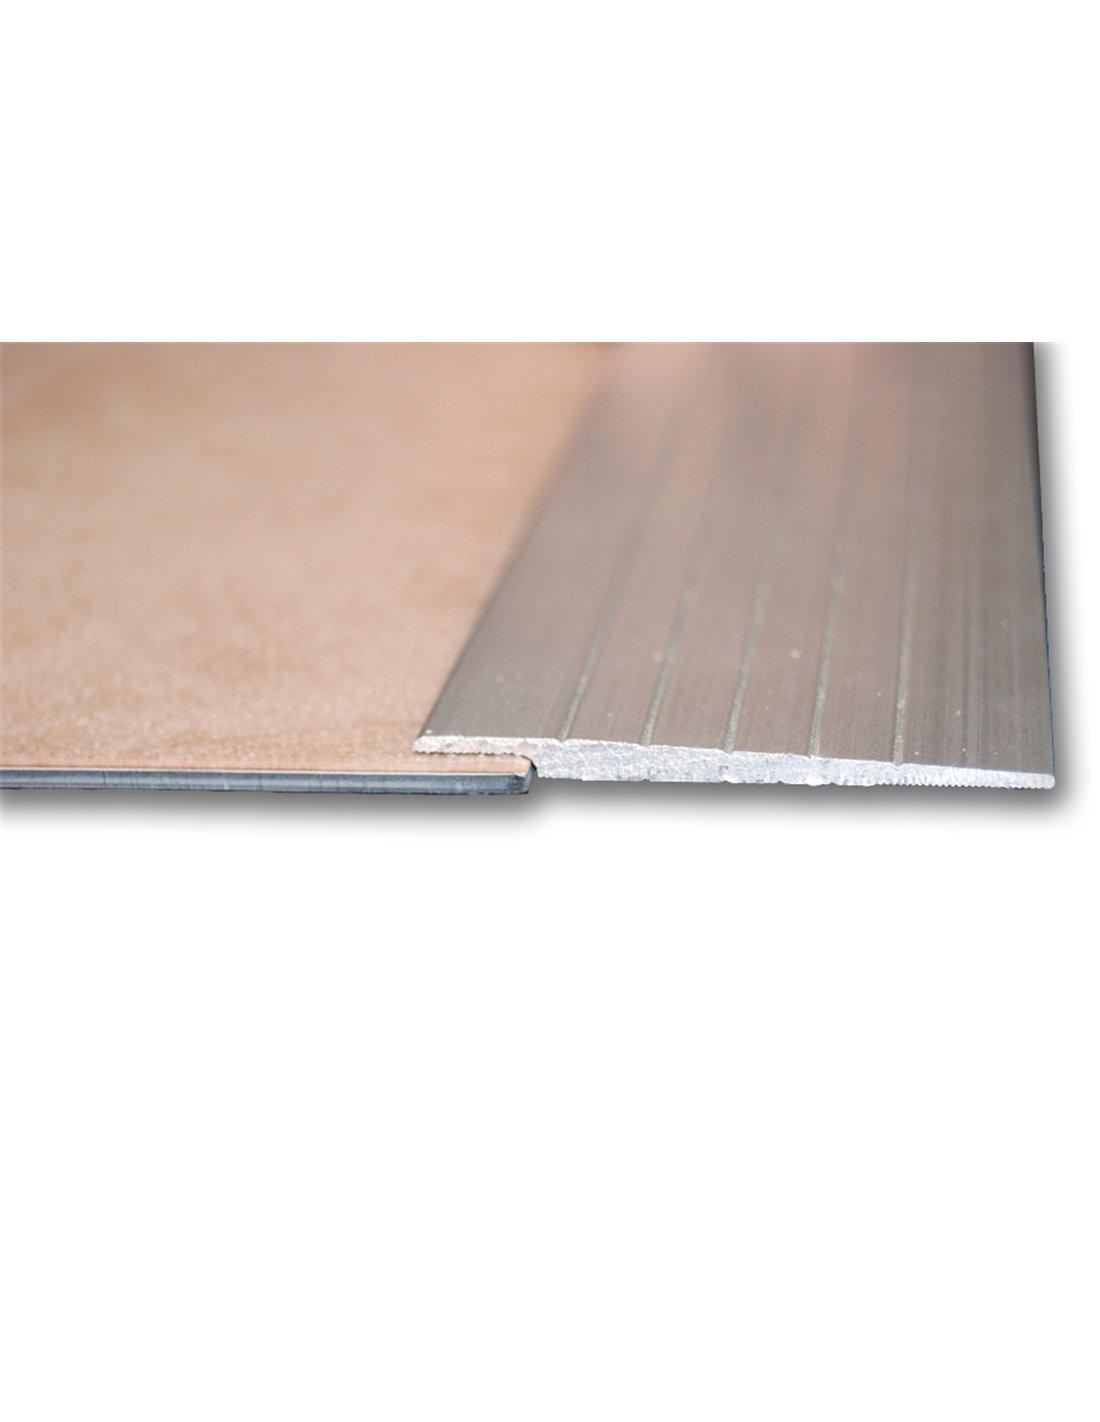 Jardin202 2mm alt 3m larg Perfil Aluminio 2-5-8 mm Altura Taladrado 50mm anch